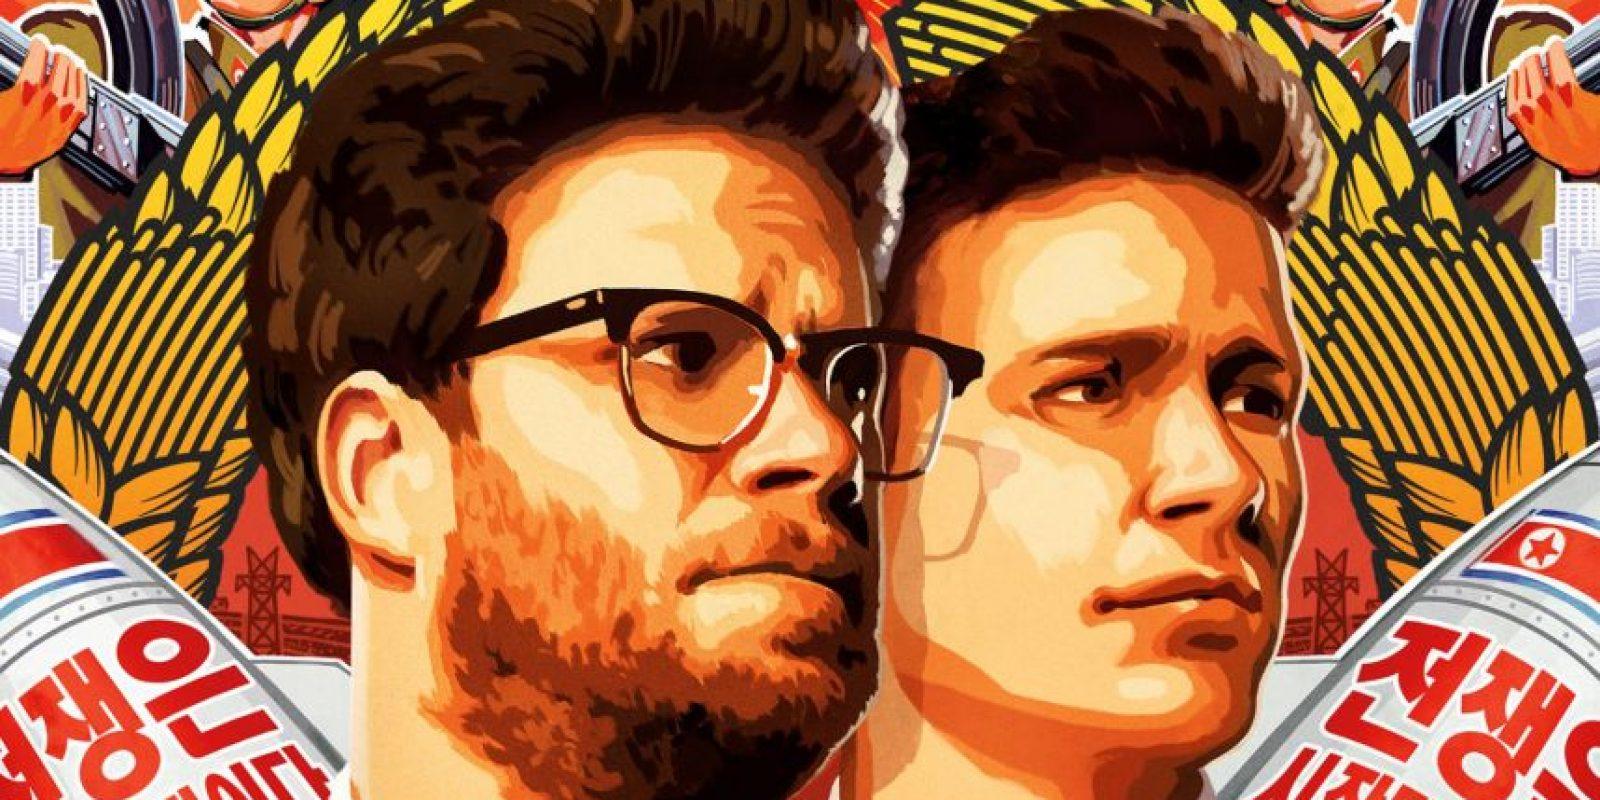 La controvertida película 'The Interview' ha recaudado más de 31 millones de dólares desde su lanzamiento en diciembre en las plataformas digitales Foto:Sony Pictures